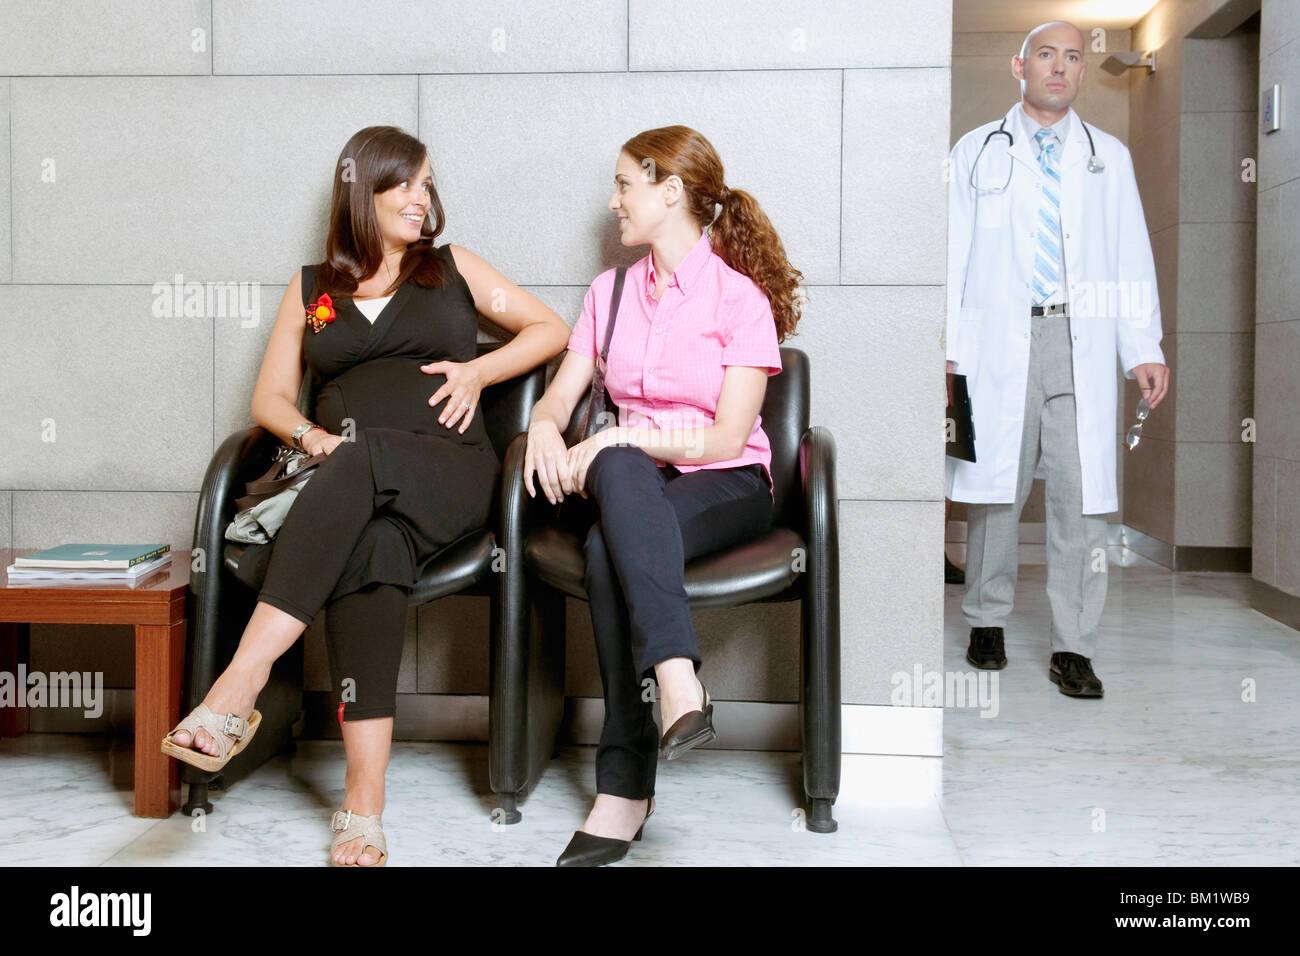 Deux femmes assis dans une salle d'attente de l'hôpital Photo Stock